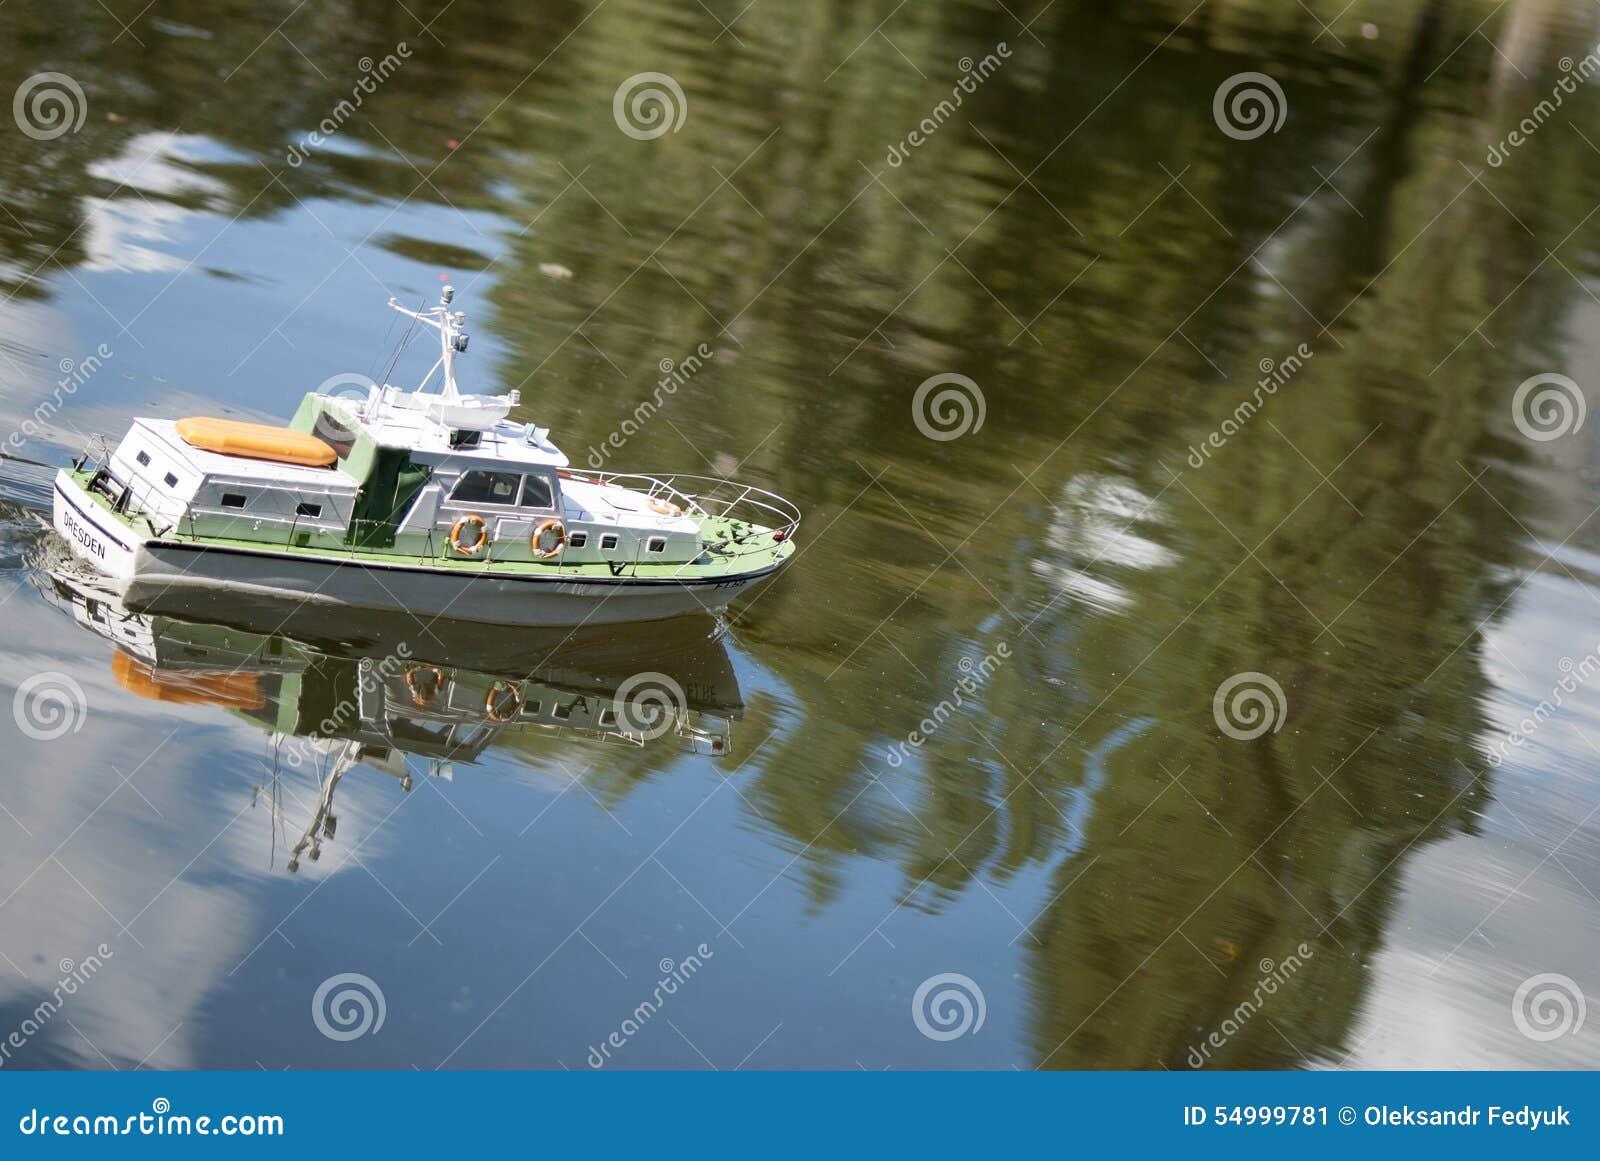 En fjärrstyrd militär snabb motorbåt